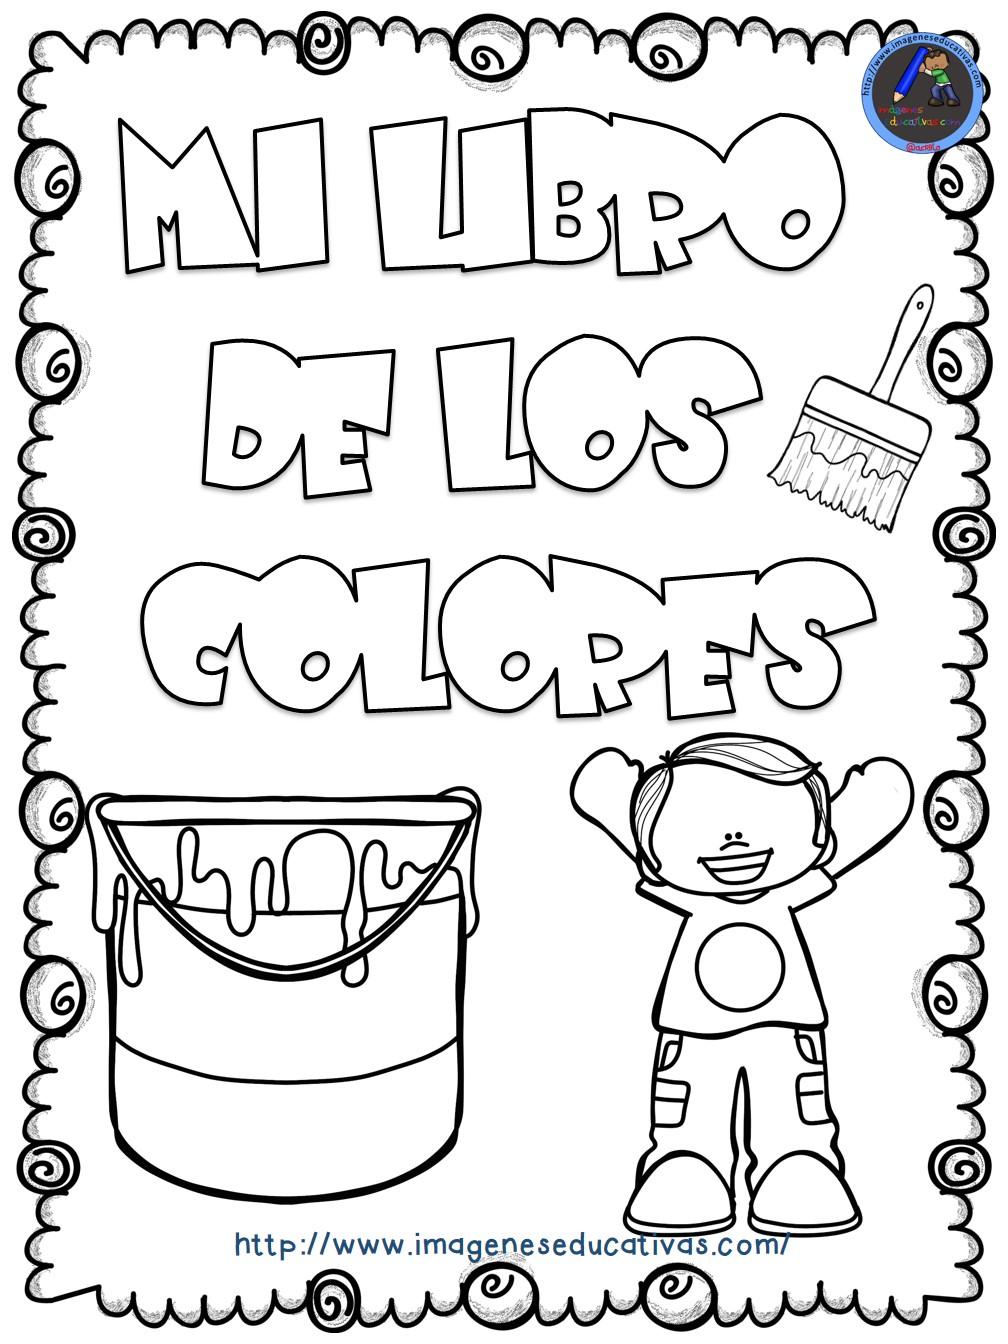 Mi libro de los colores para colorear 1 imagenes educativas - Colores para pintar una entrada ...